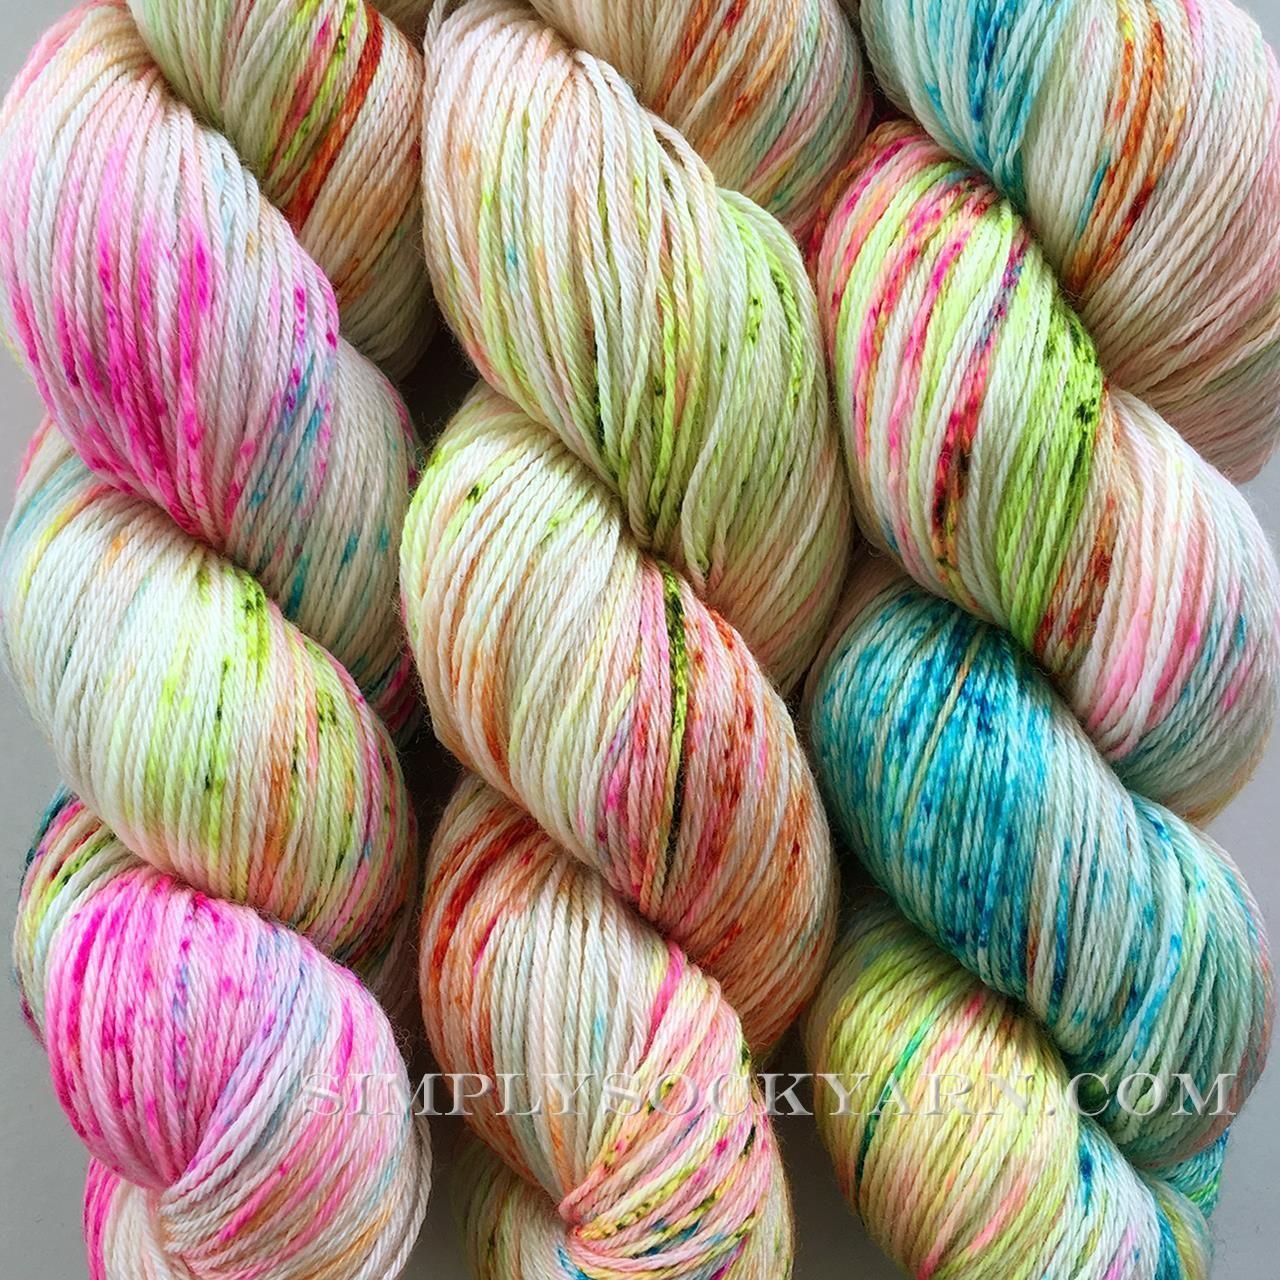 Hf Sock Genie Spinning Yarn Wool Crafts Handdyed Yarn